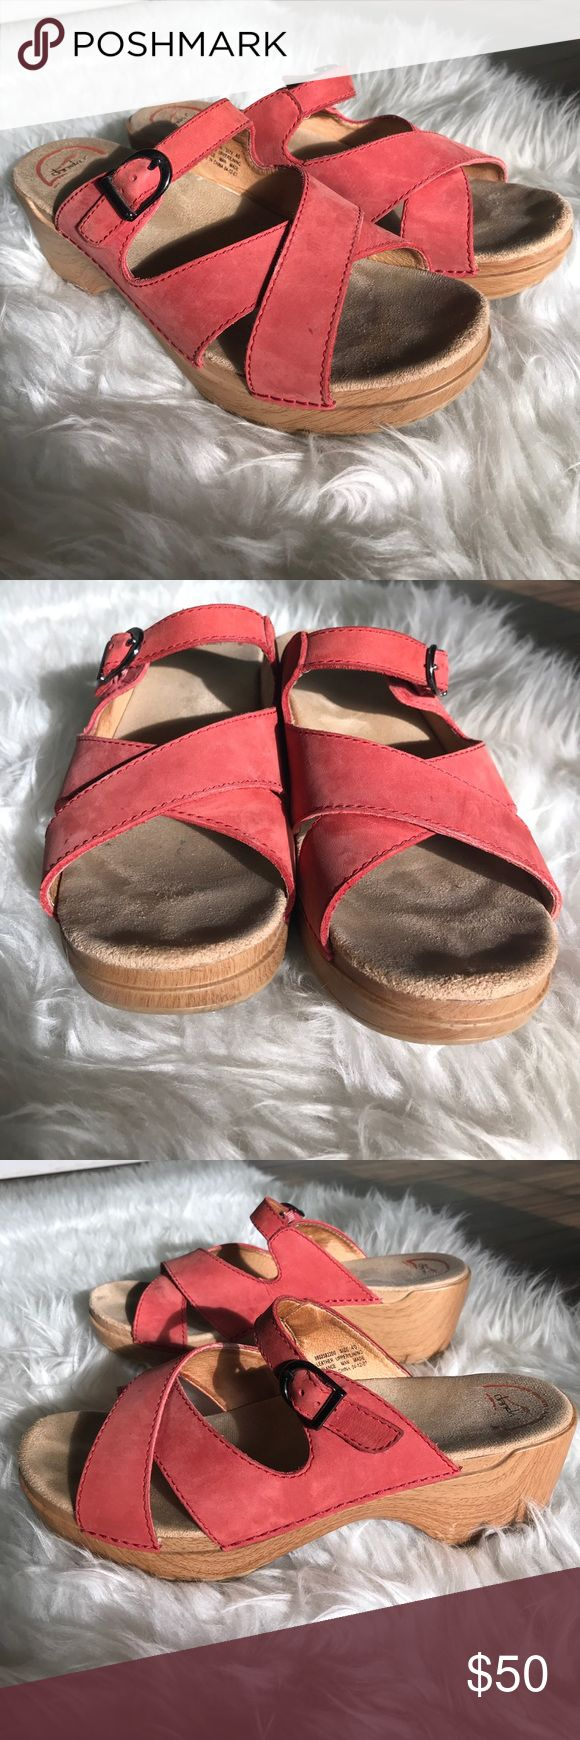 Dansko sandal clogs Comfortable and cute Dansko. Slide on sandal clog, no back. Leather upper, size 40. Some pull on left elastic at buckle as pictured. Some knicks on bottom left side. Dansko Shoes